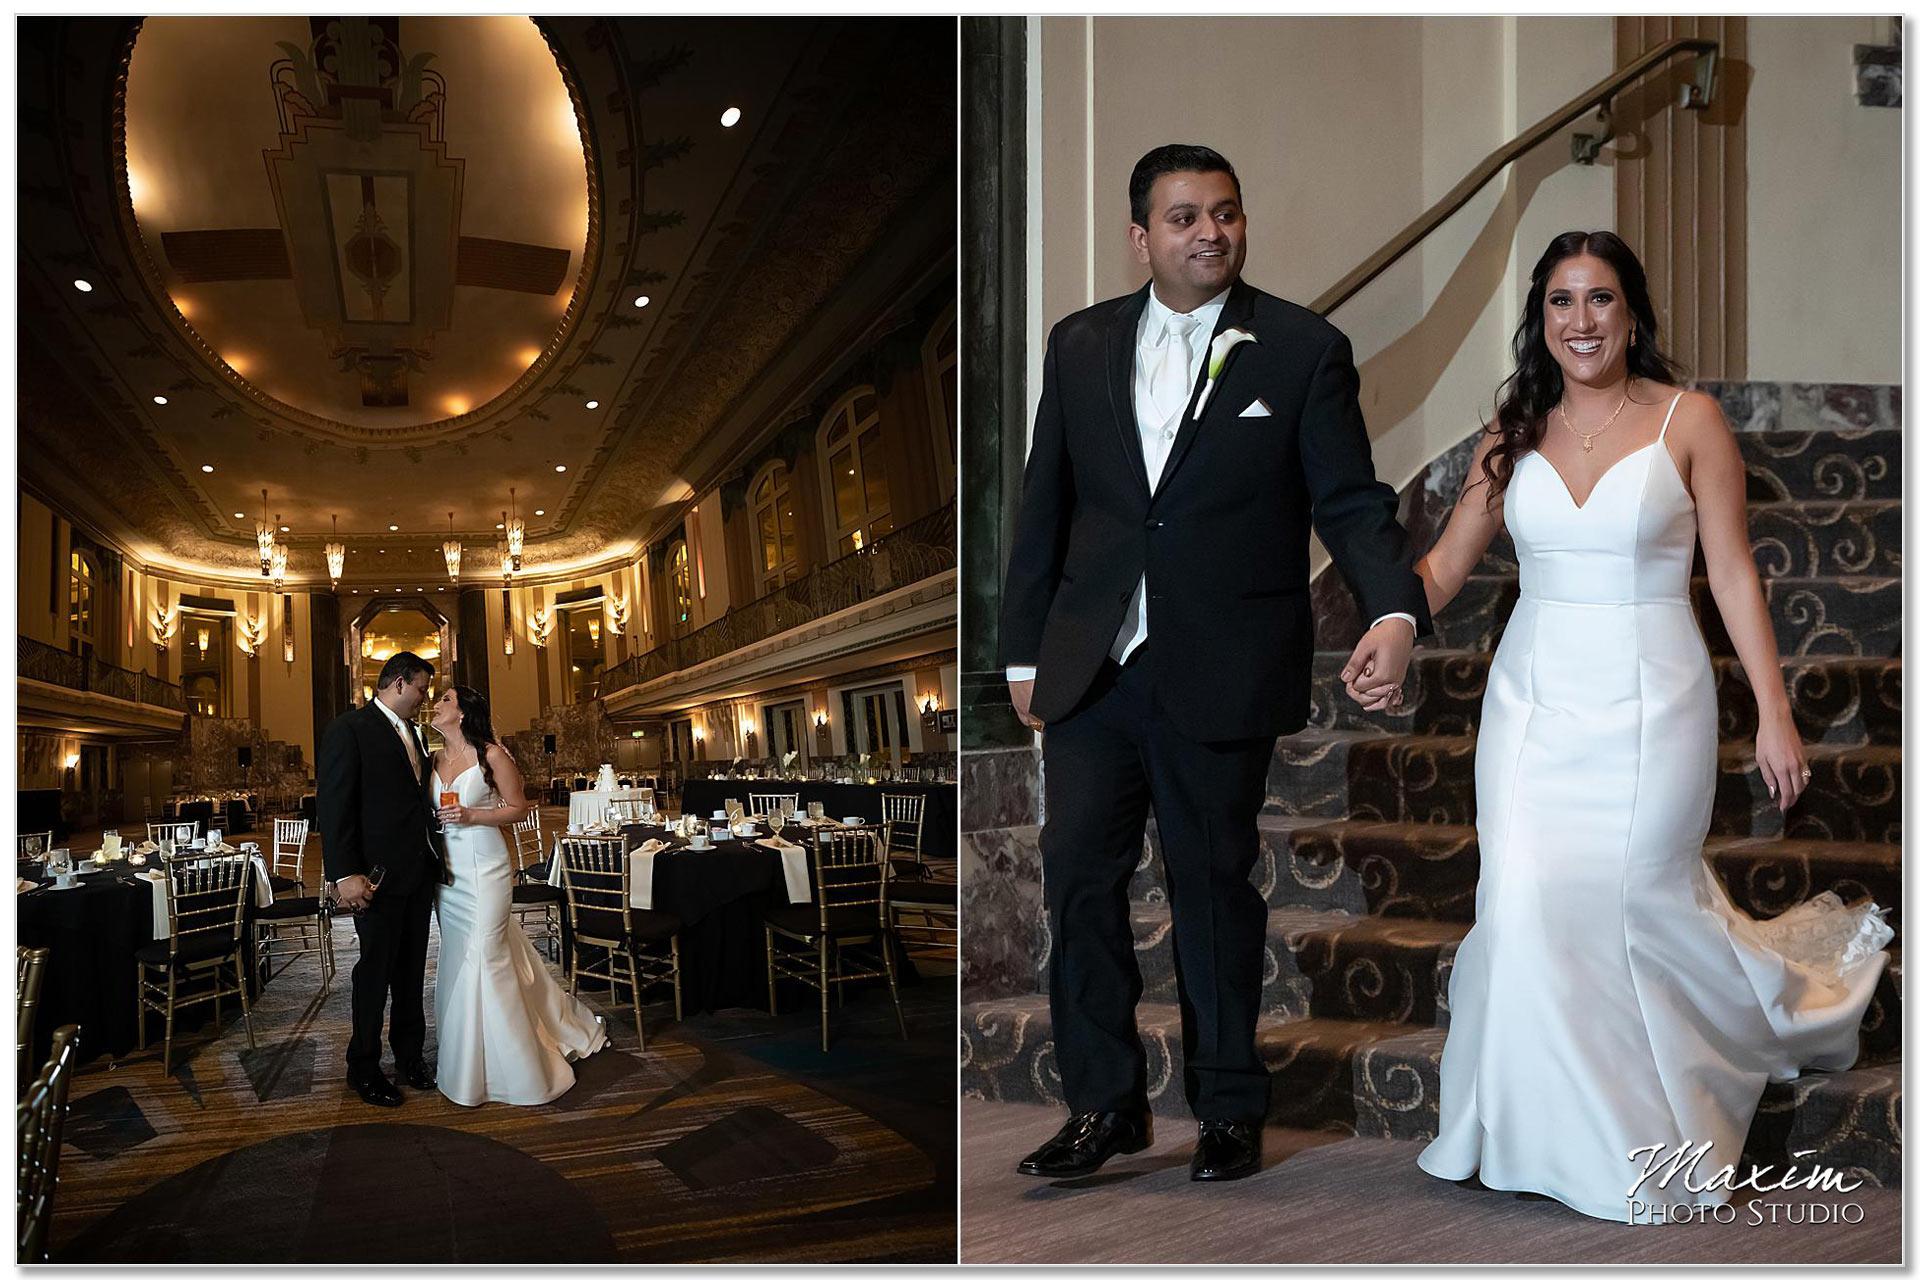 Hilton Netherland Plaza wedding Reception